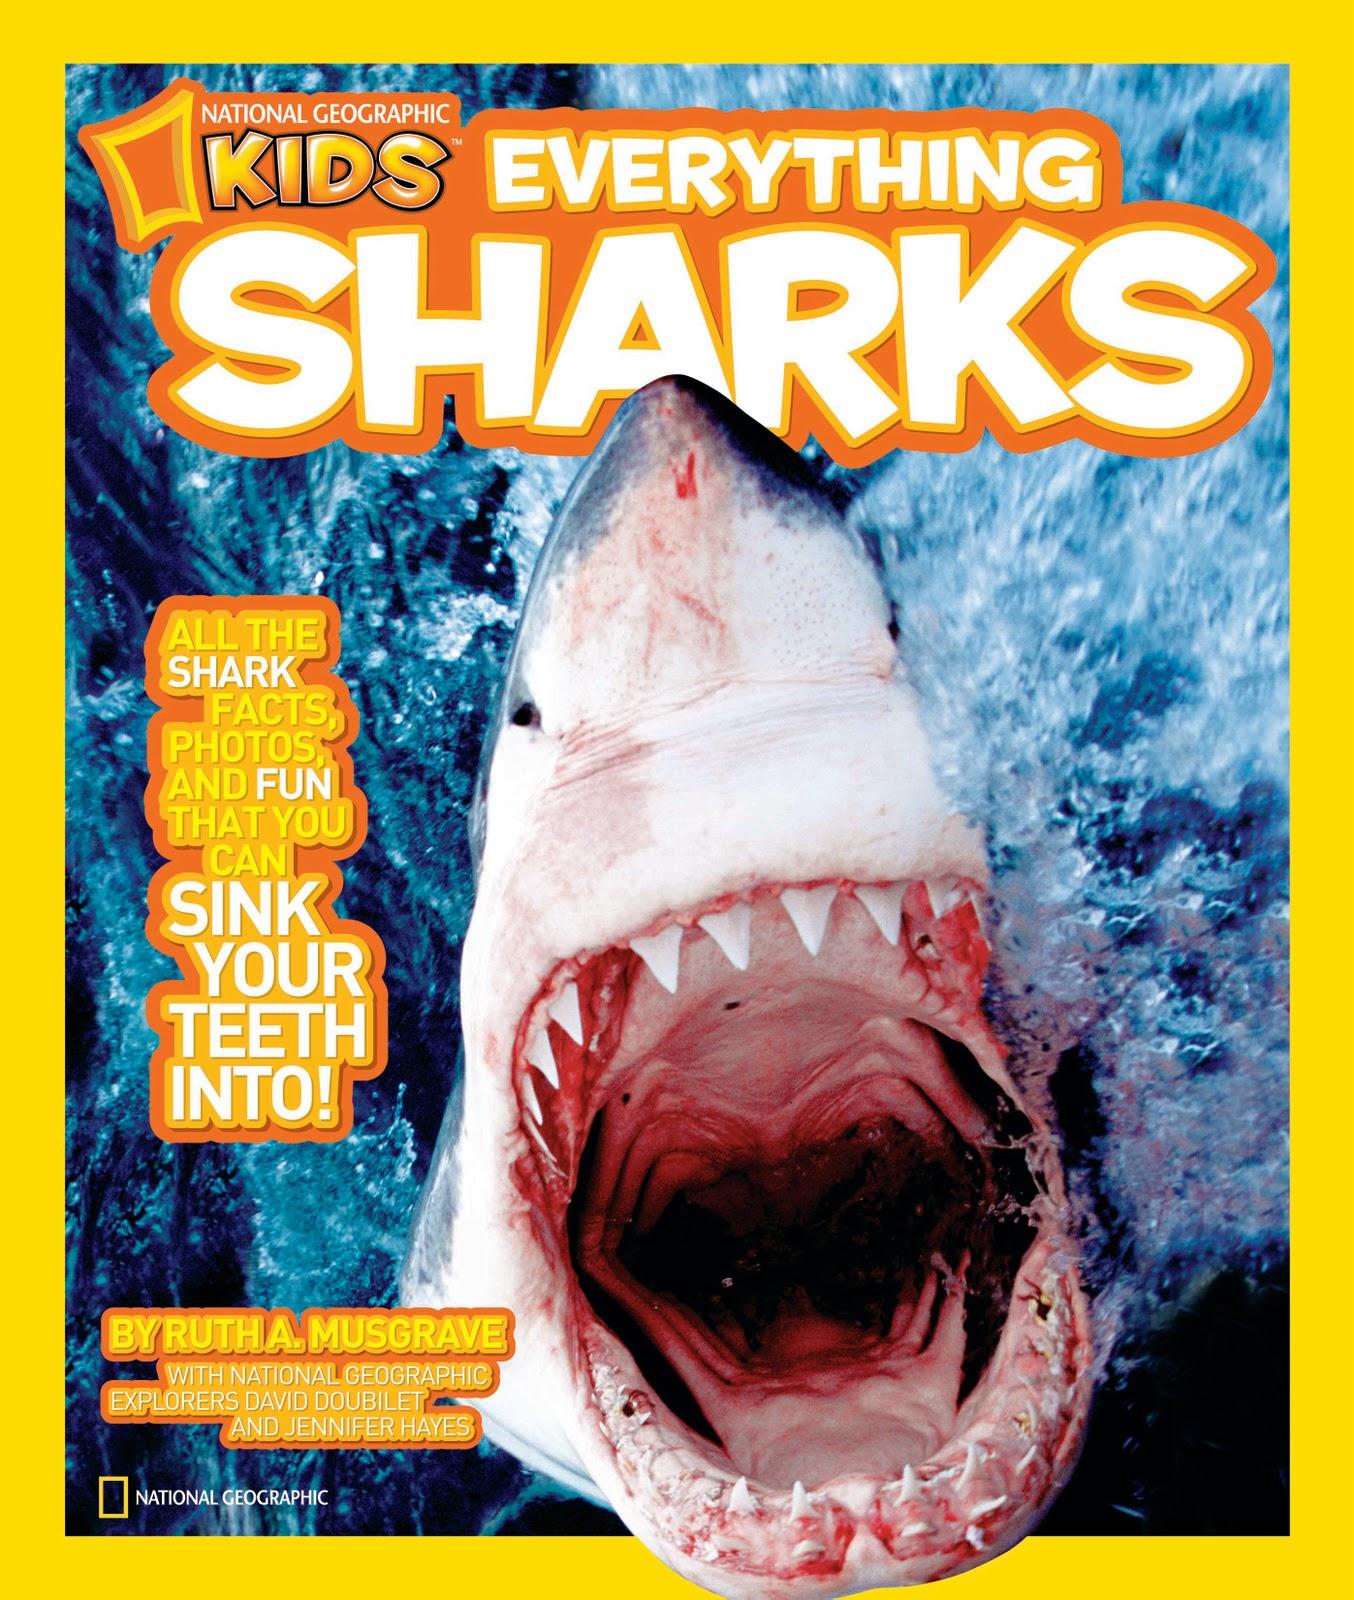 http://4.bp.blogspot.com/-lAQvrMjdScQ/TWAY0mOwxbI/AAAAAAAAA2M/8TTAgbRkERc/s1600/musgroveNGK+Everything+Sharks+Cover.jpg